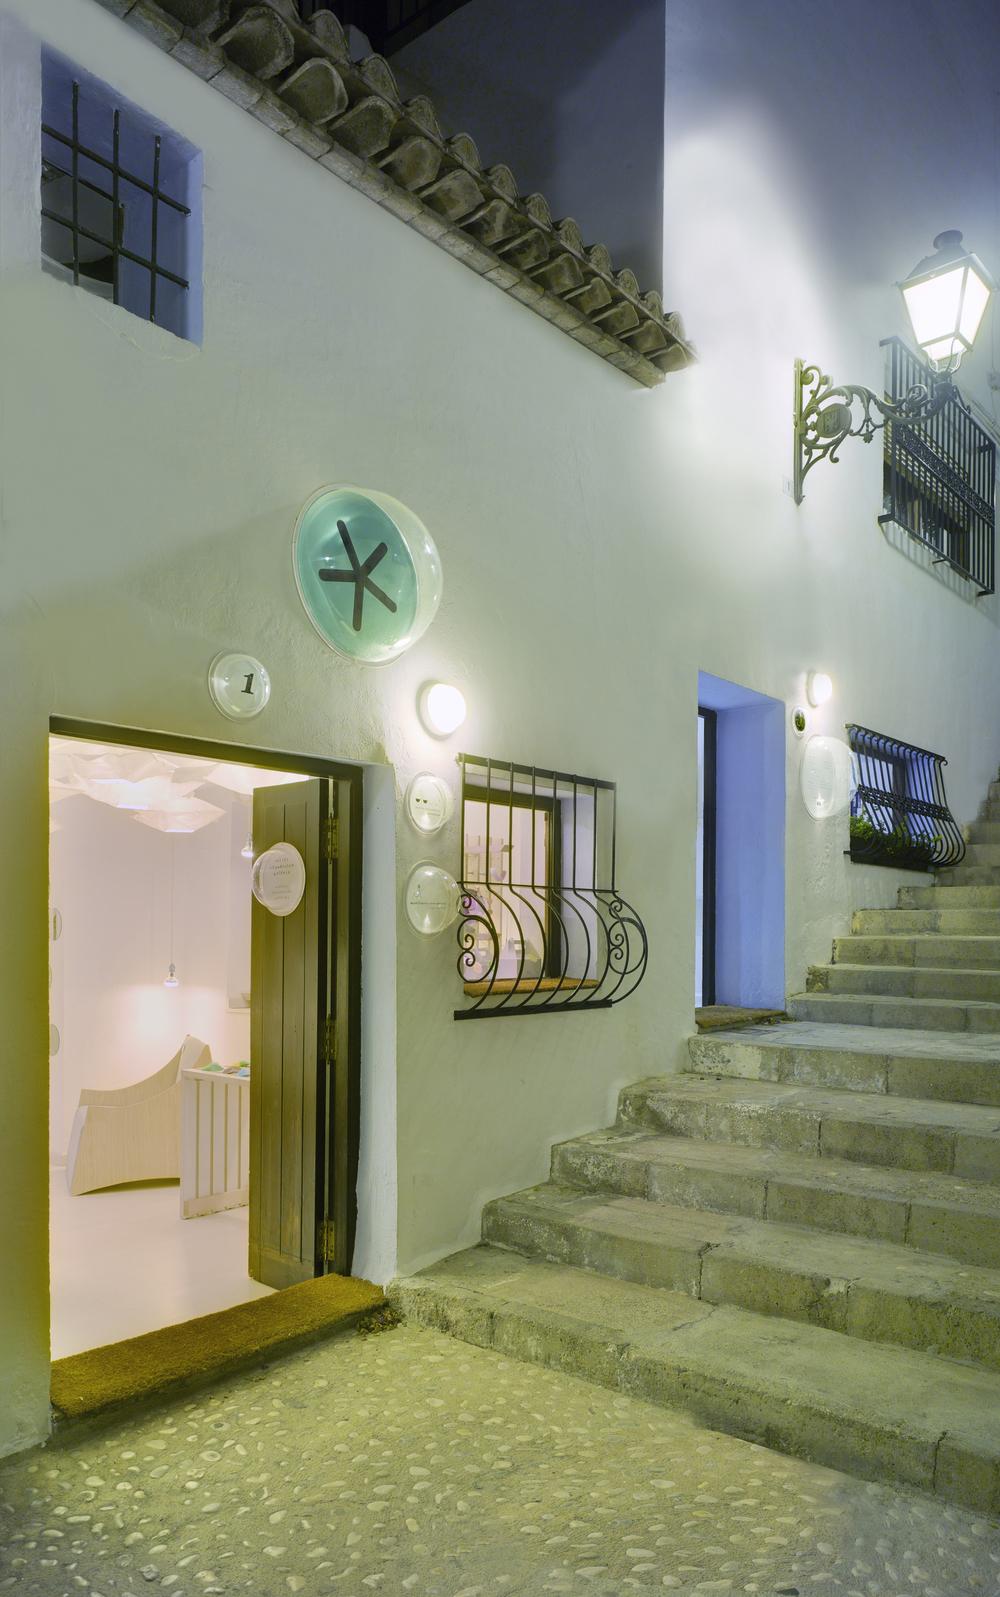 52798815e8e44e879c000087_workshop-and-gallery-estudio-ji-arquitectos_10413_120dfr-ji.jpg